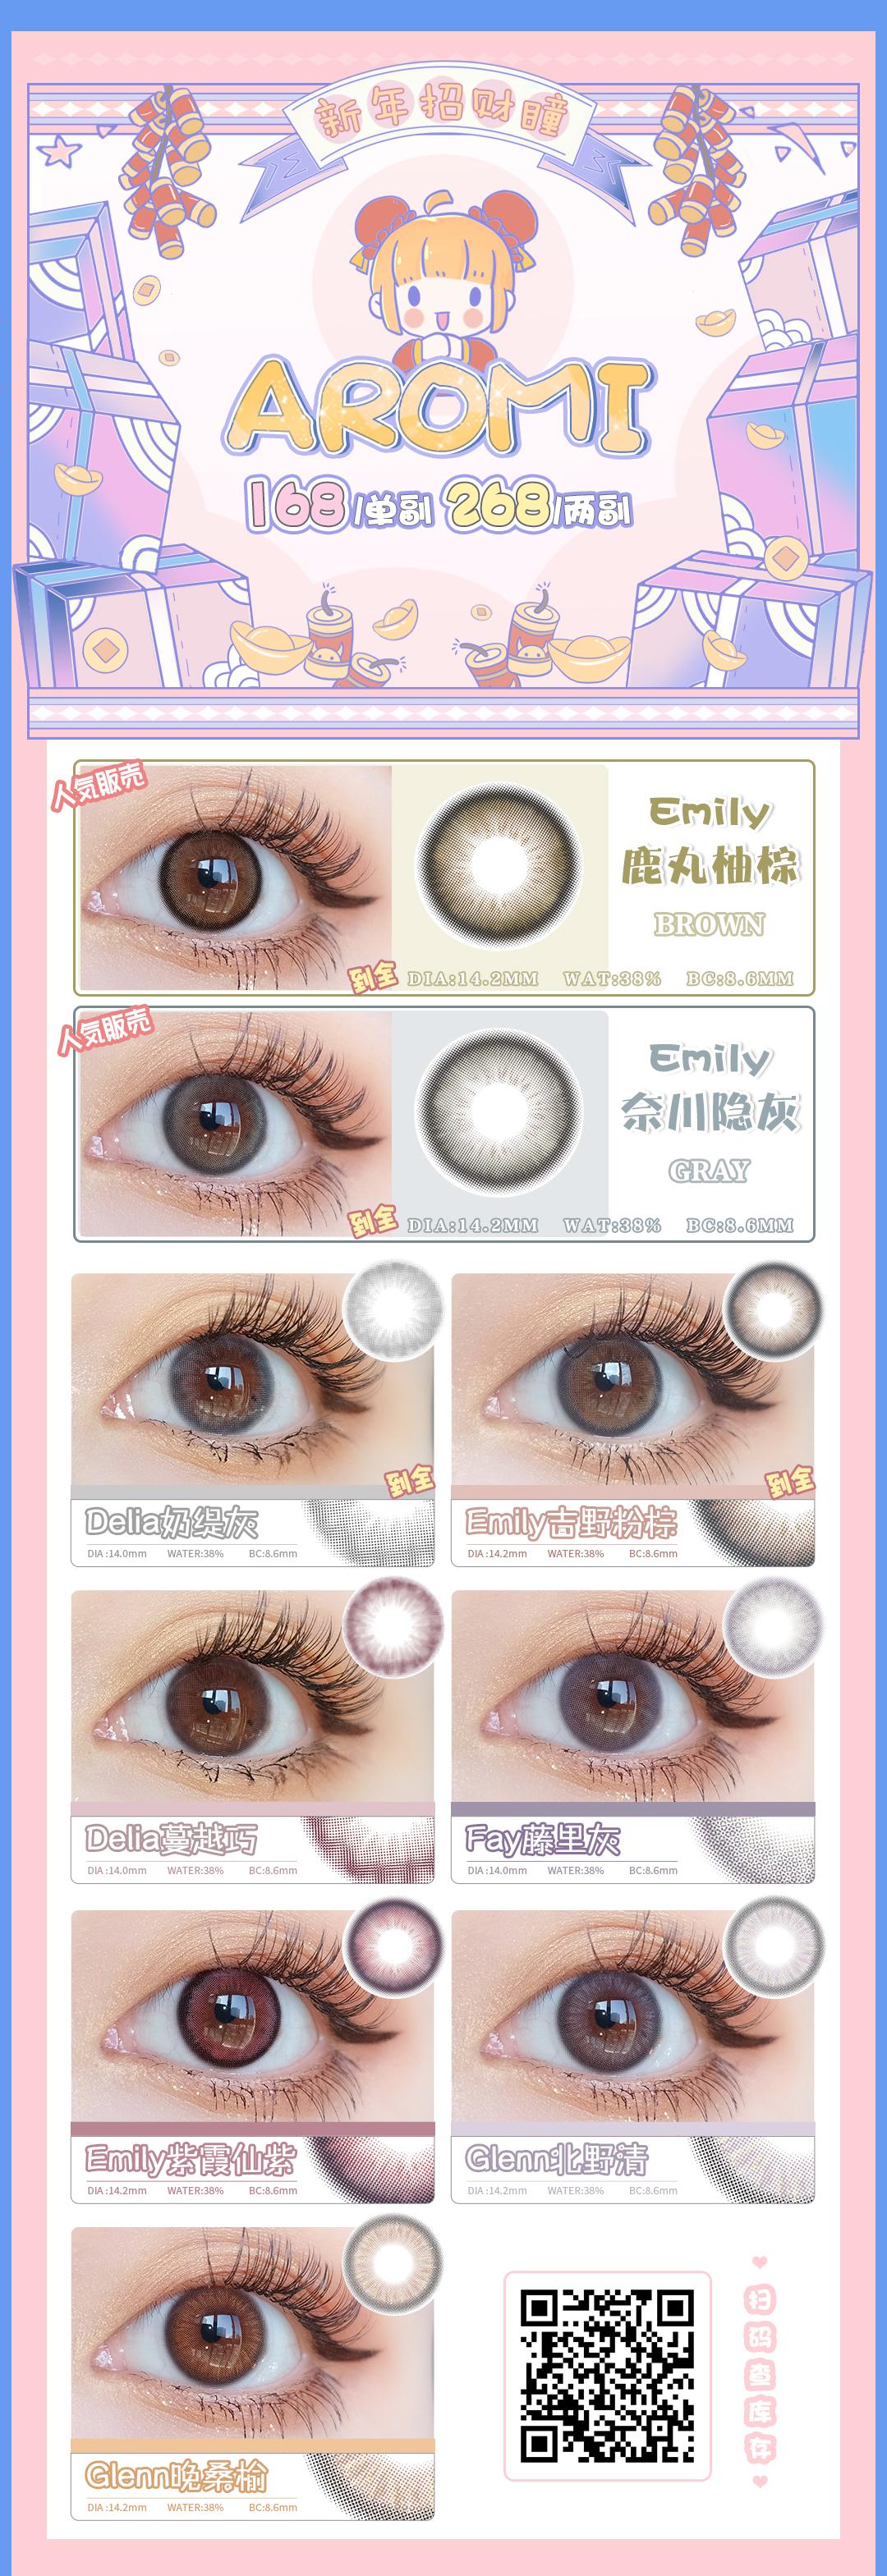 AROMI美瞳 新年活动 一副能给你带来好运的美瞳